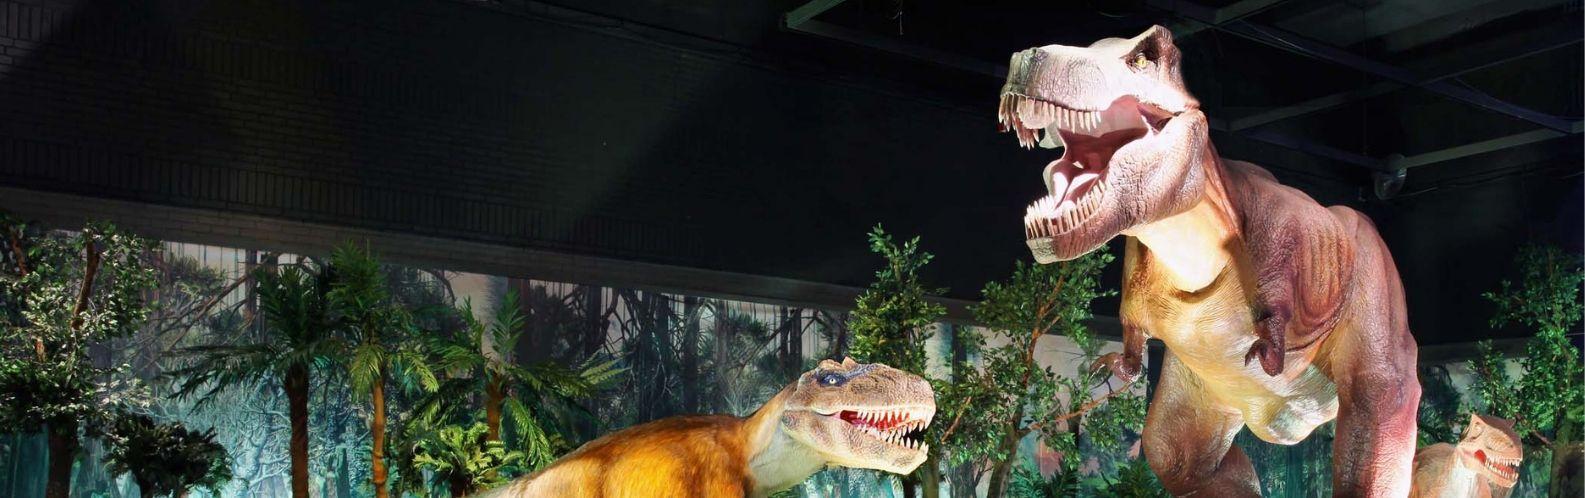 Resultado de imagen de dinosaurs tour mallorca